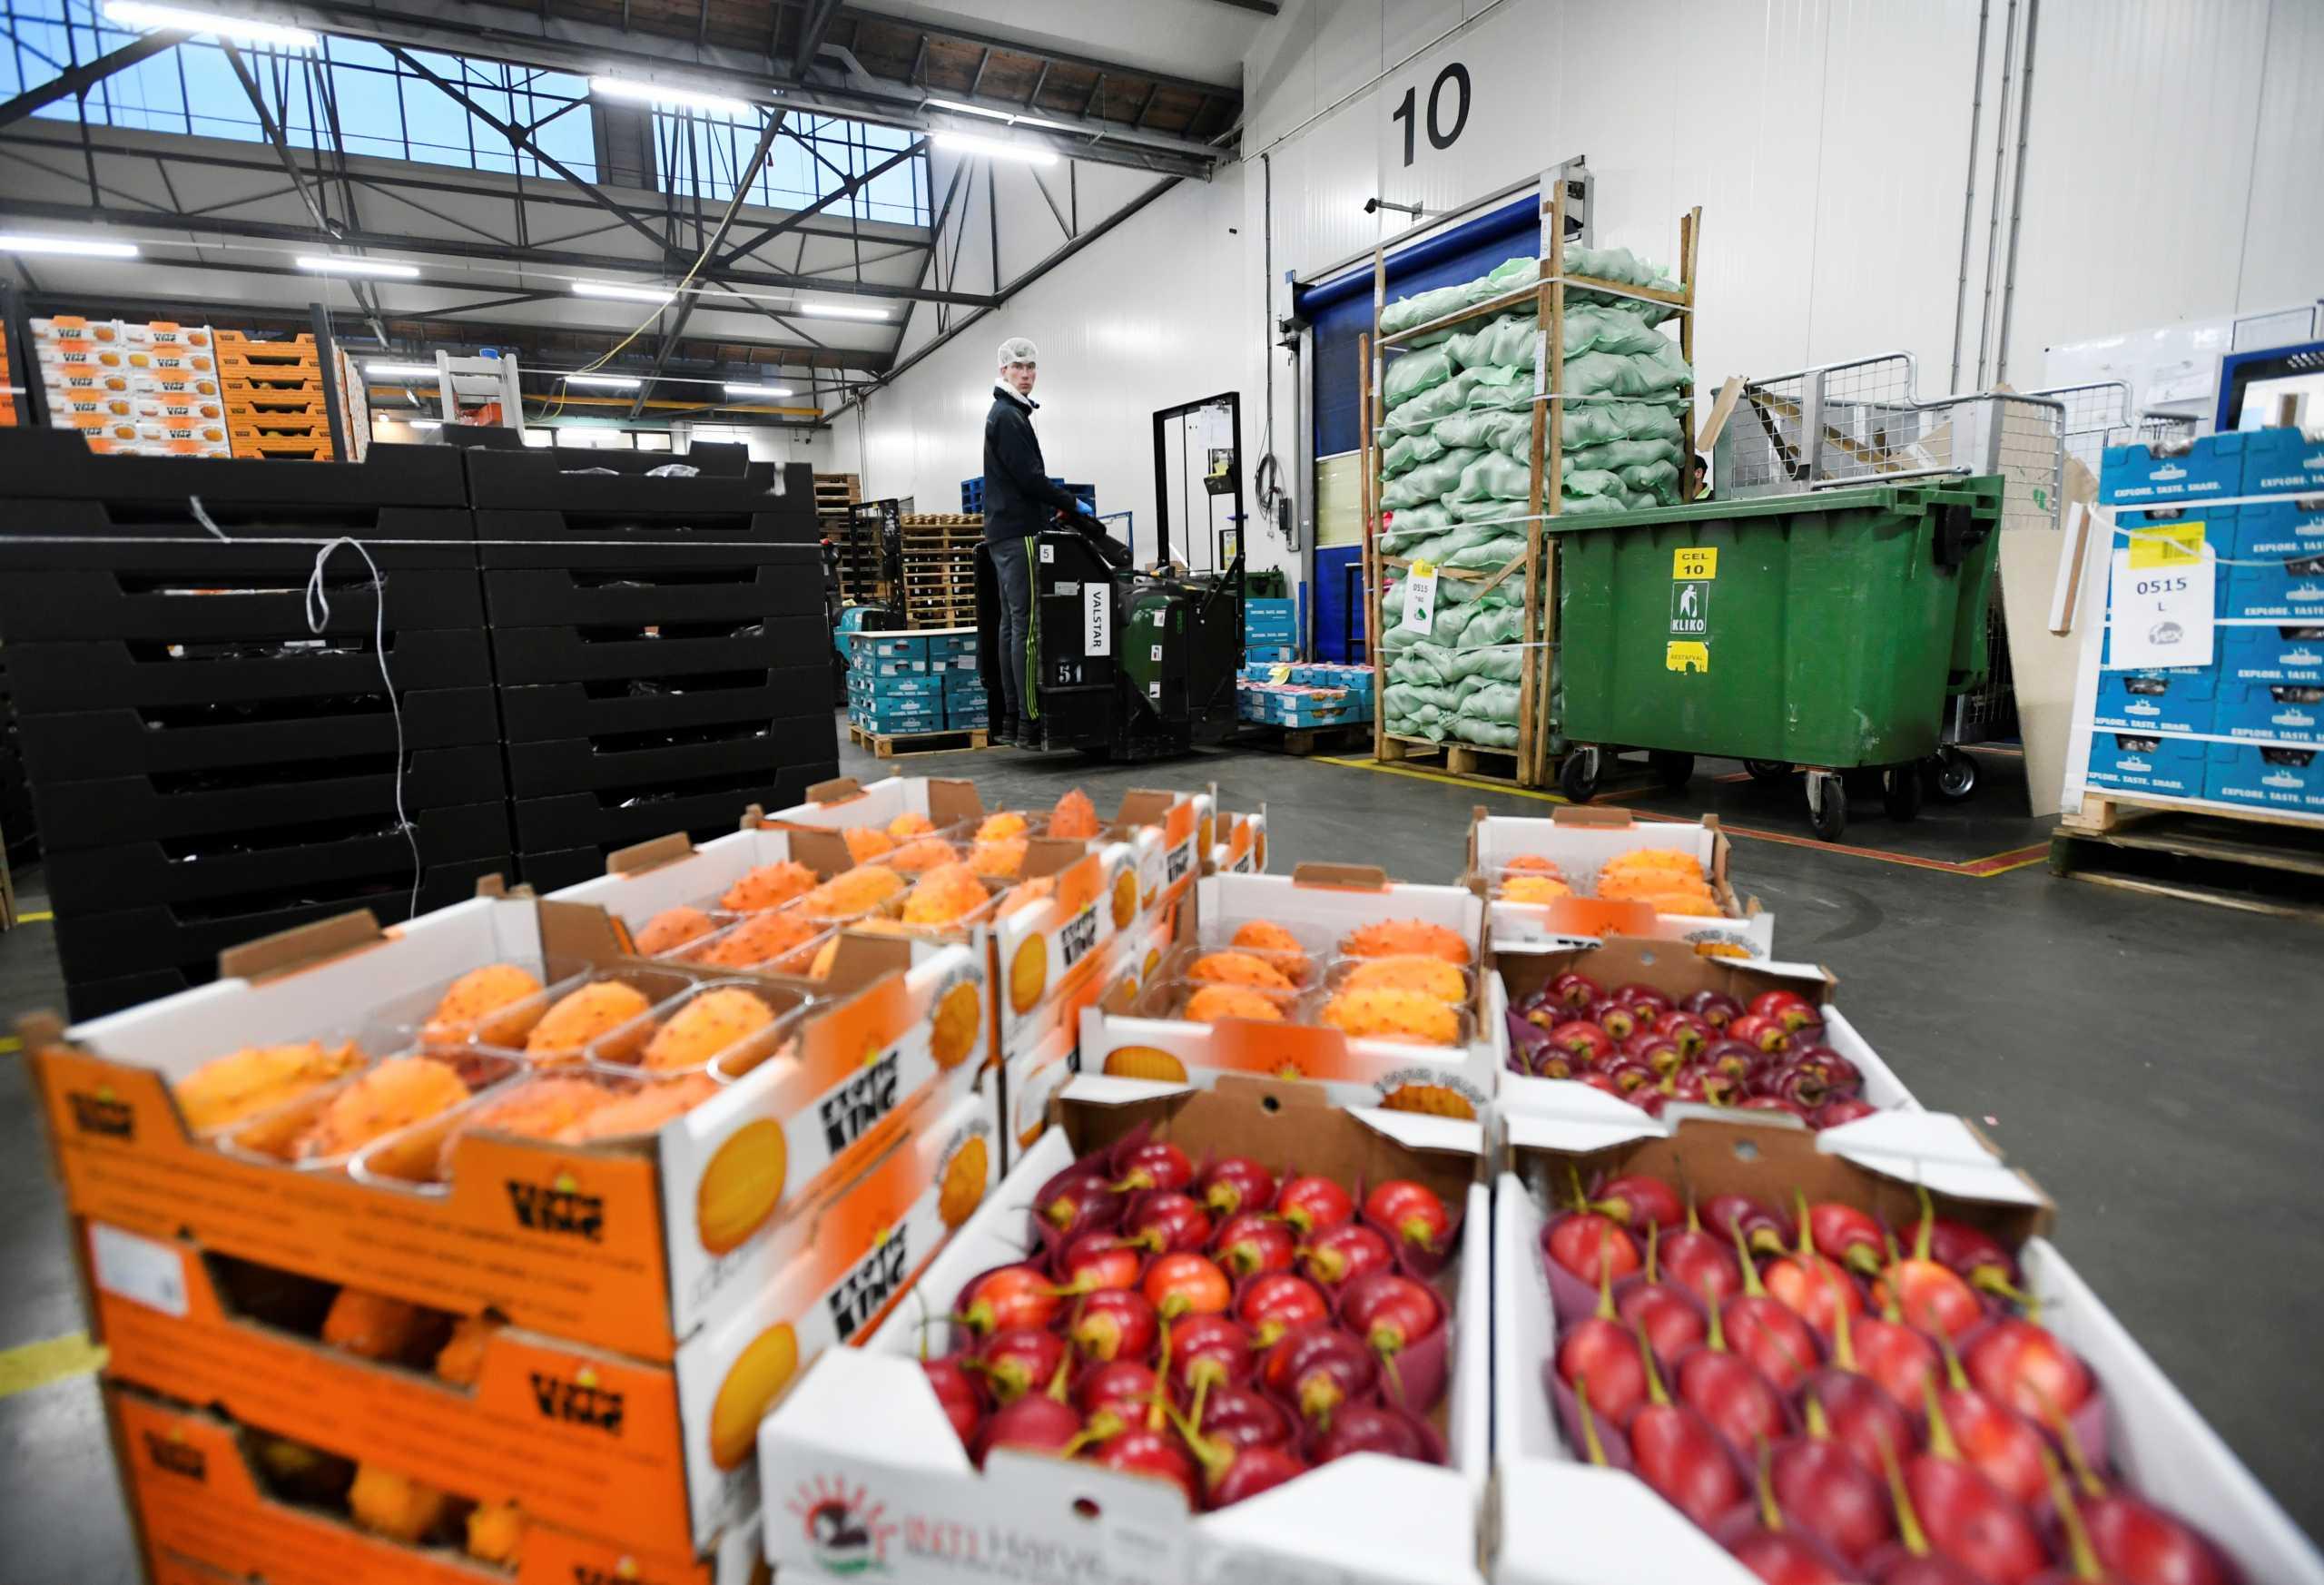 Βρετανία: Σε απόγνωση Tesco και Sainsbury's αφού ξέμειναν από φρούτα και λαχανικά